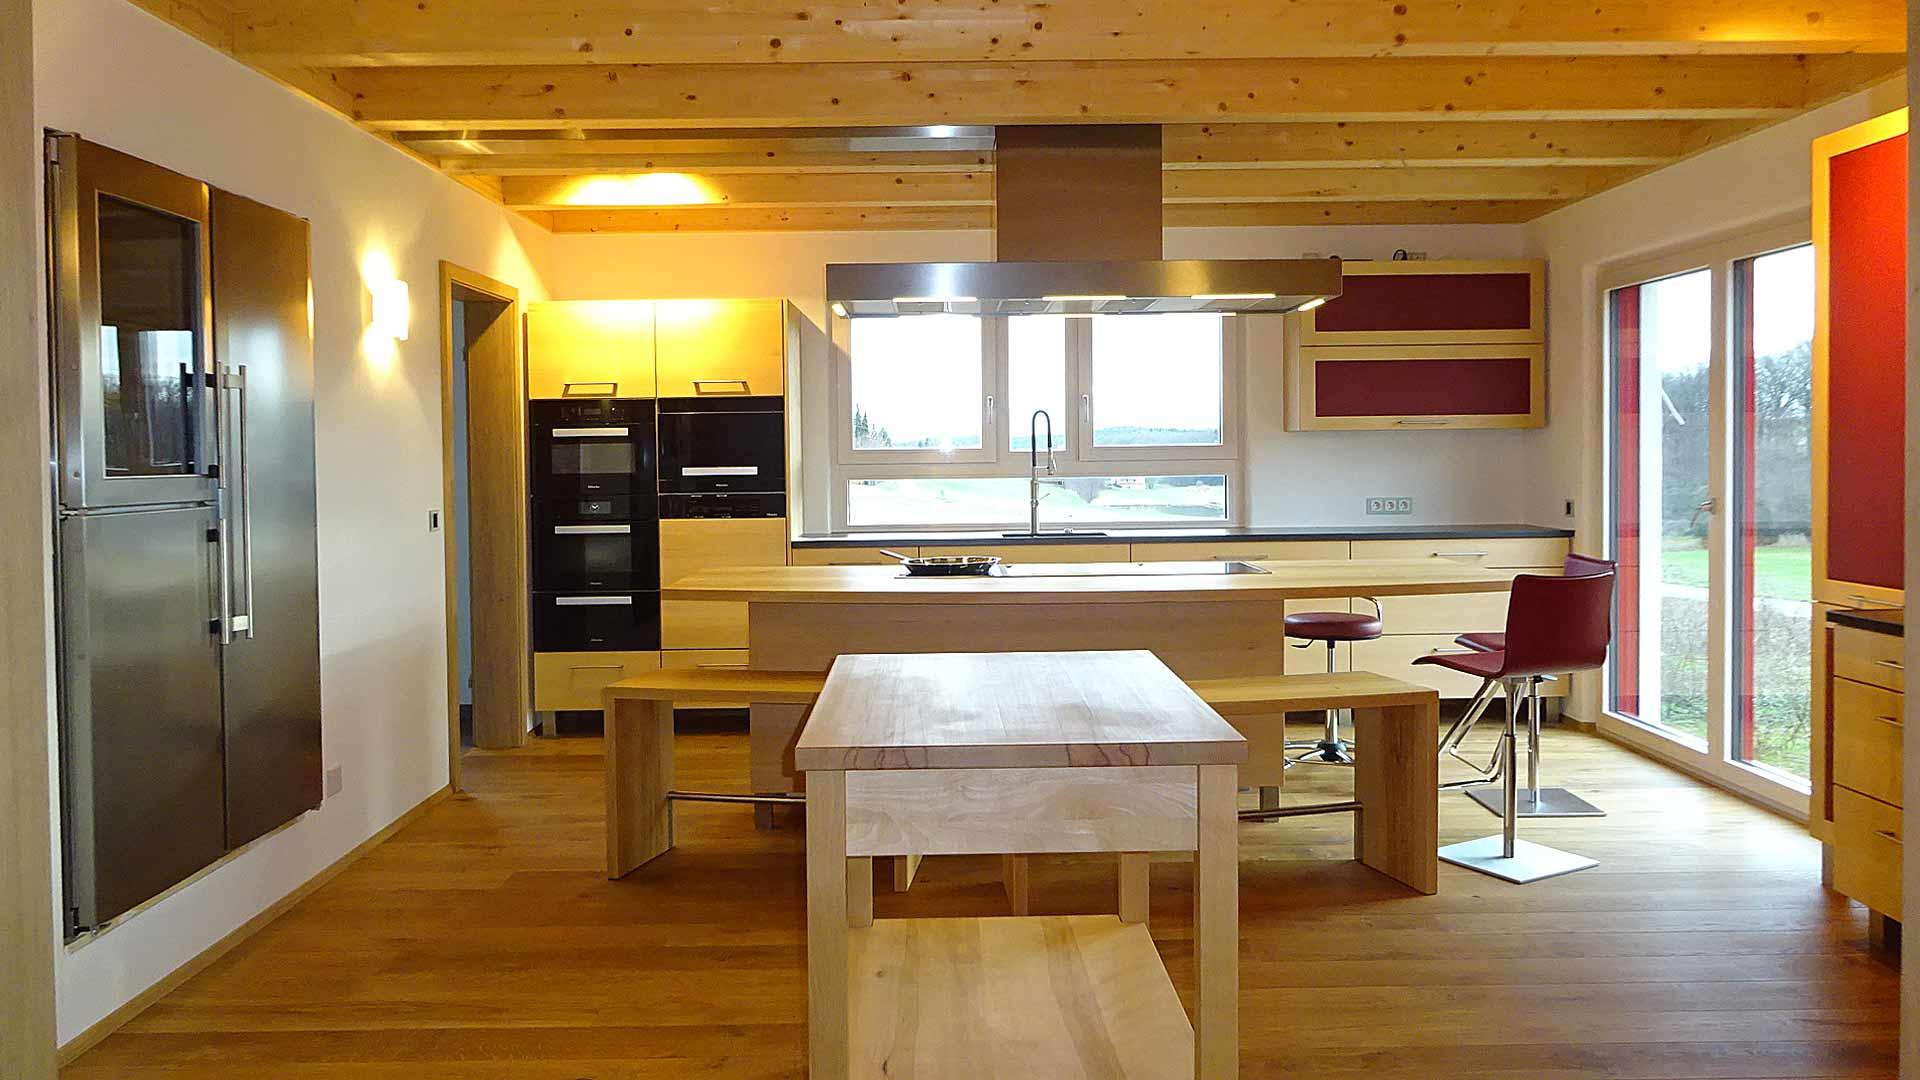 Massivholzküchen der Möbelmacher 2016: Die Möbelmacher